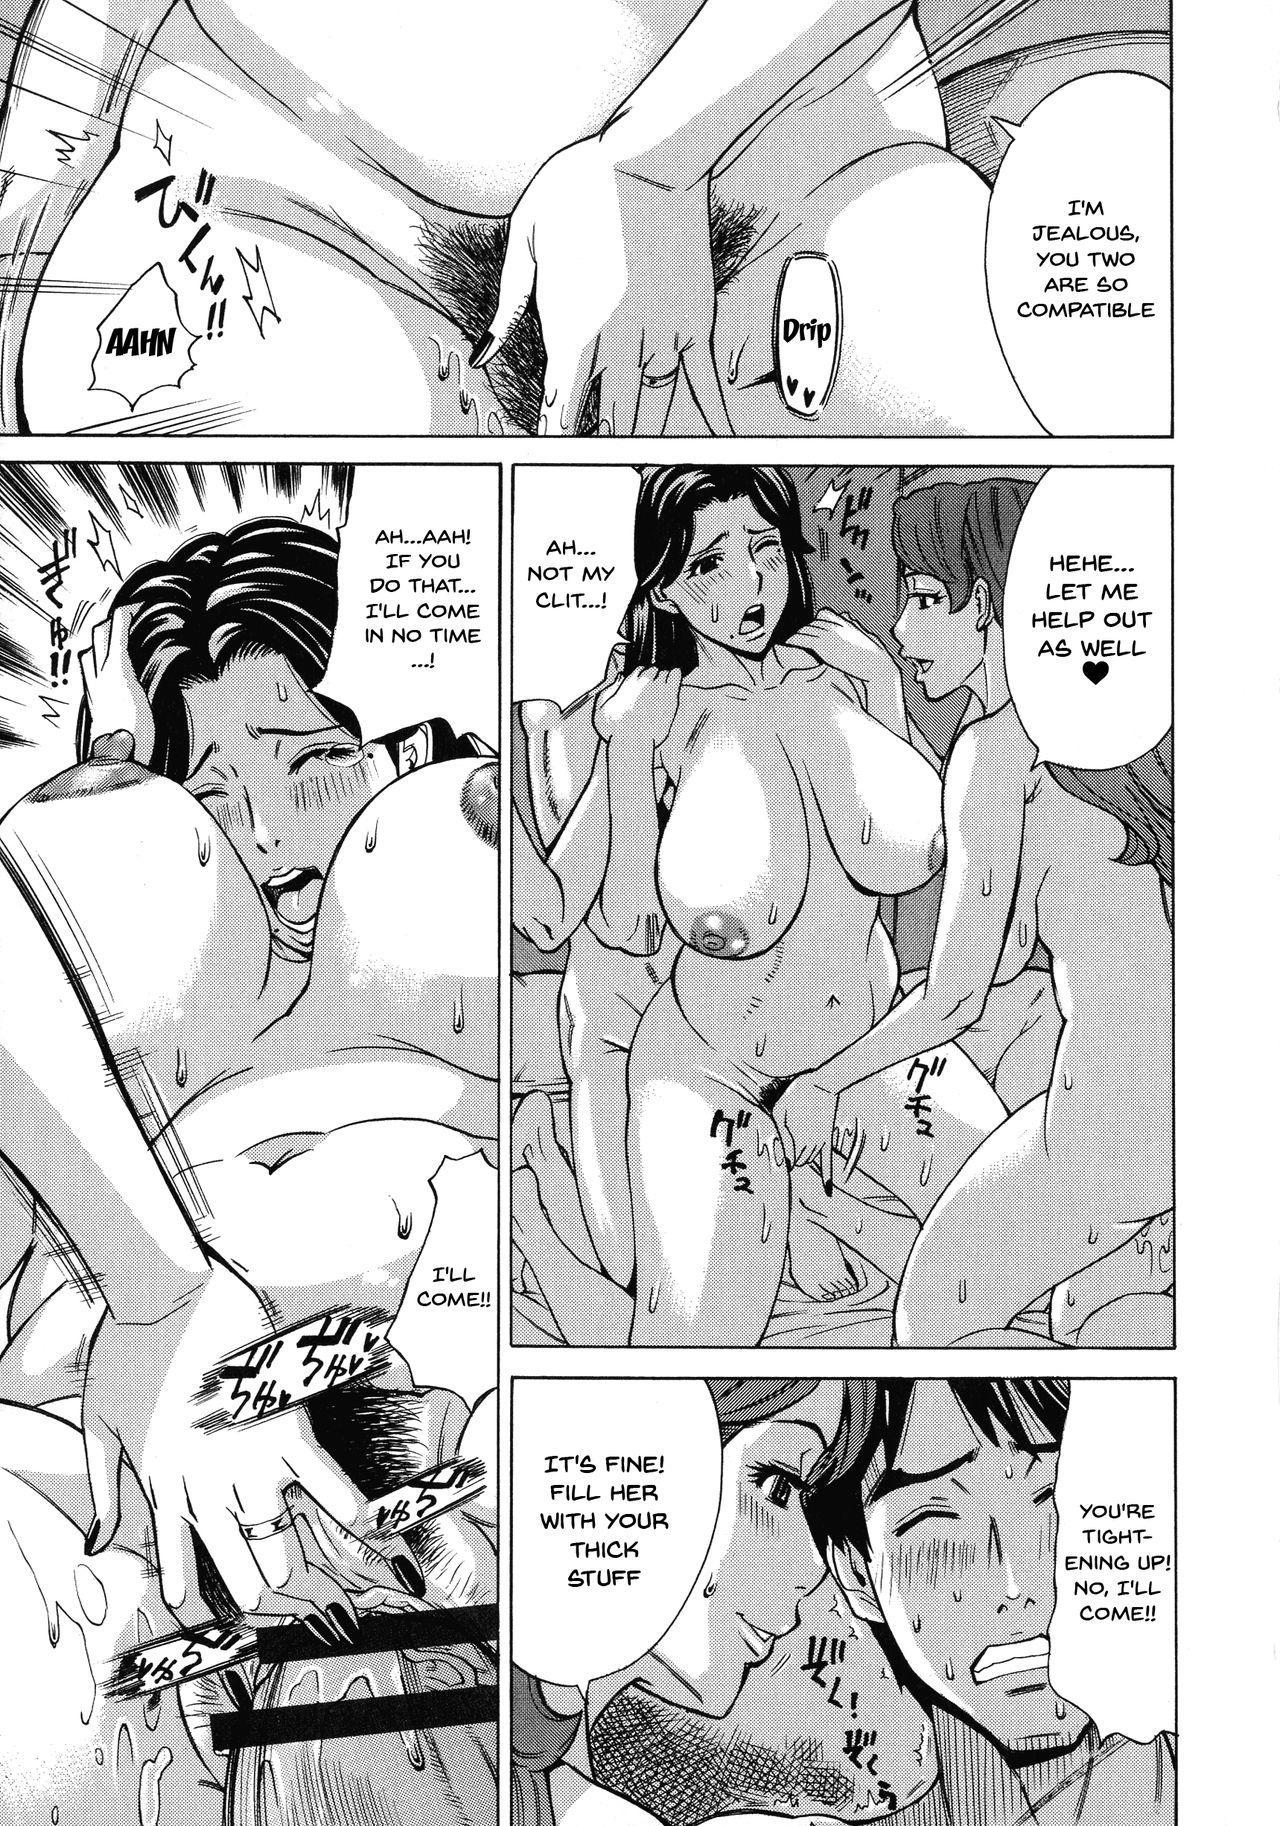 [Makibe Kataru] Hitozuma Koi Hanabi ~Hajimete no Furin ga 3P ni Itaru made~ Ch.1-9 [English] {Doujins.com} 74